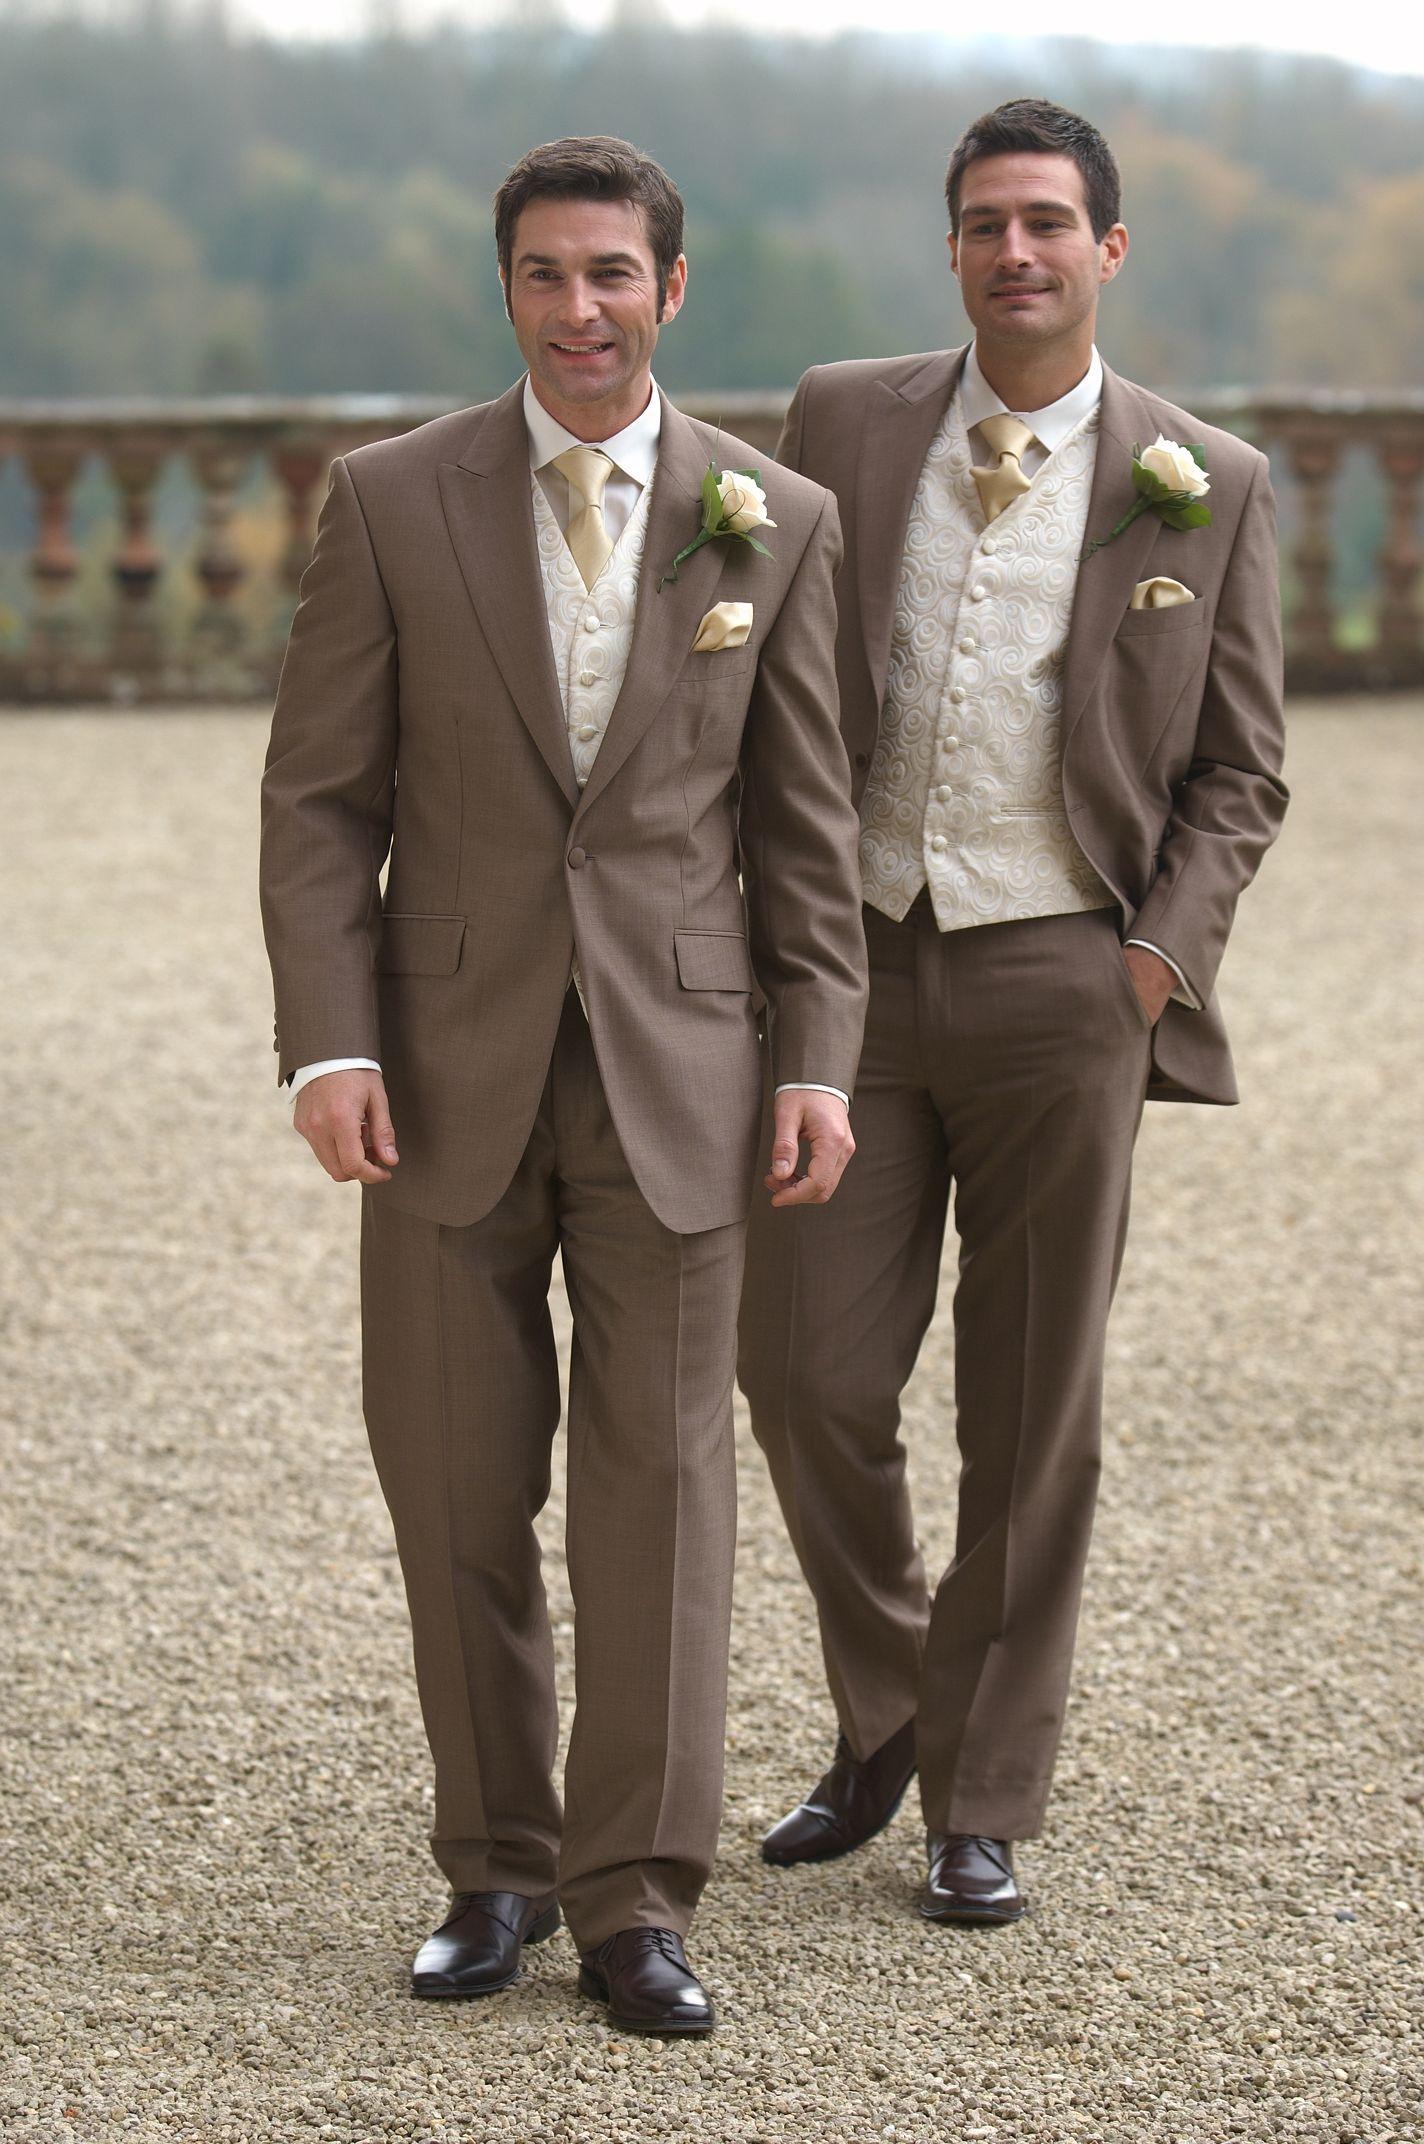 Lounge Suits Regency Groom Regency Groom Wedding Suits Men Groom Suit Brown Suit Wedding